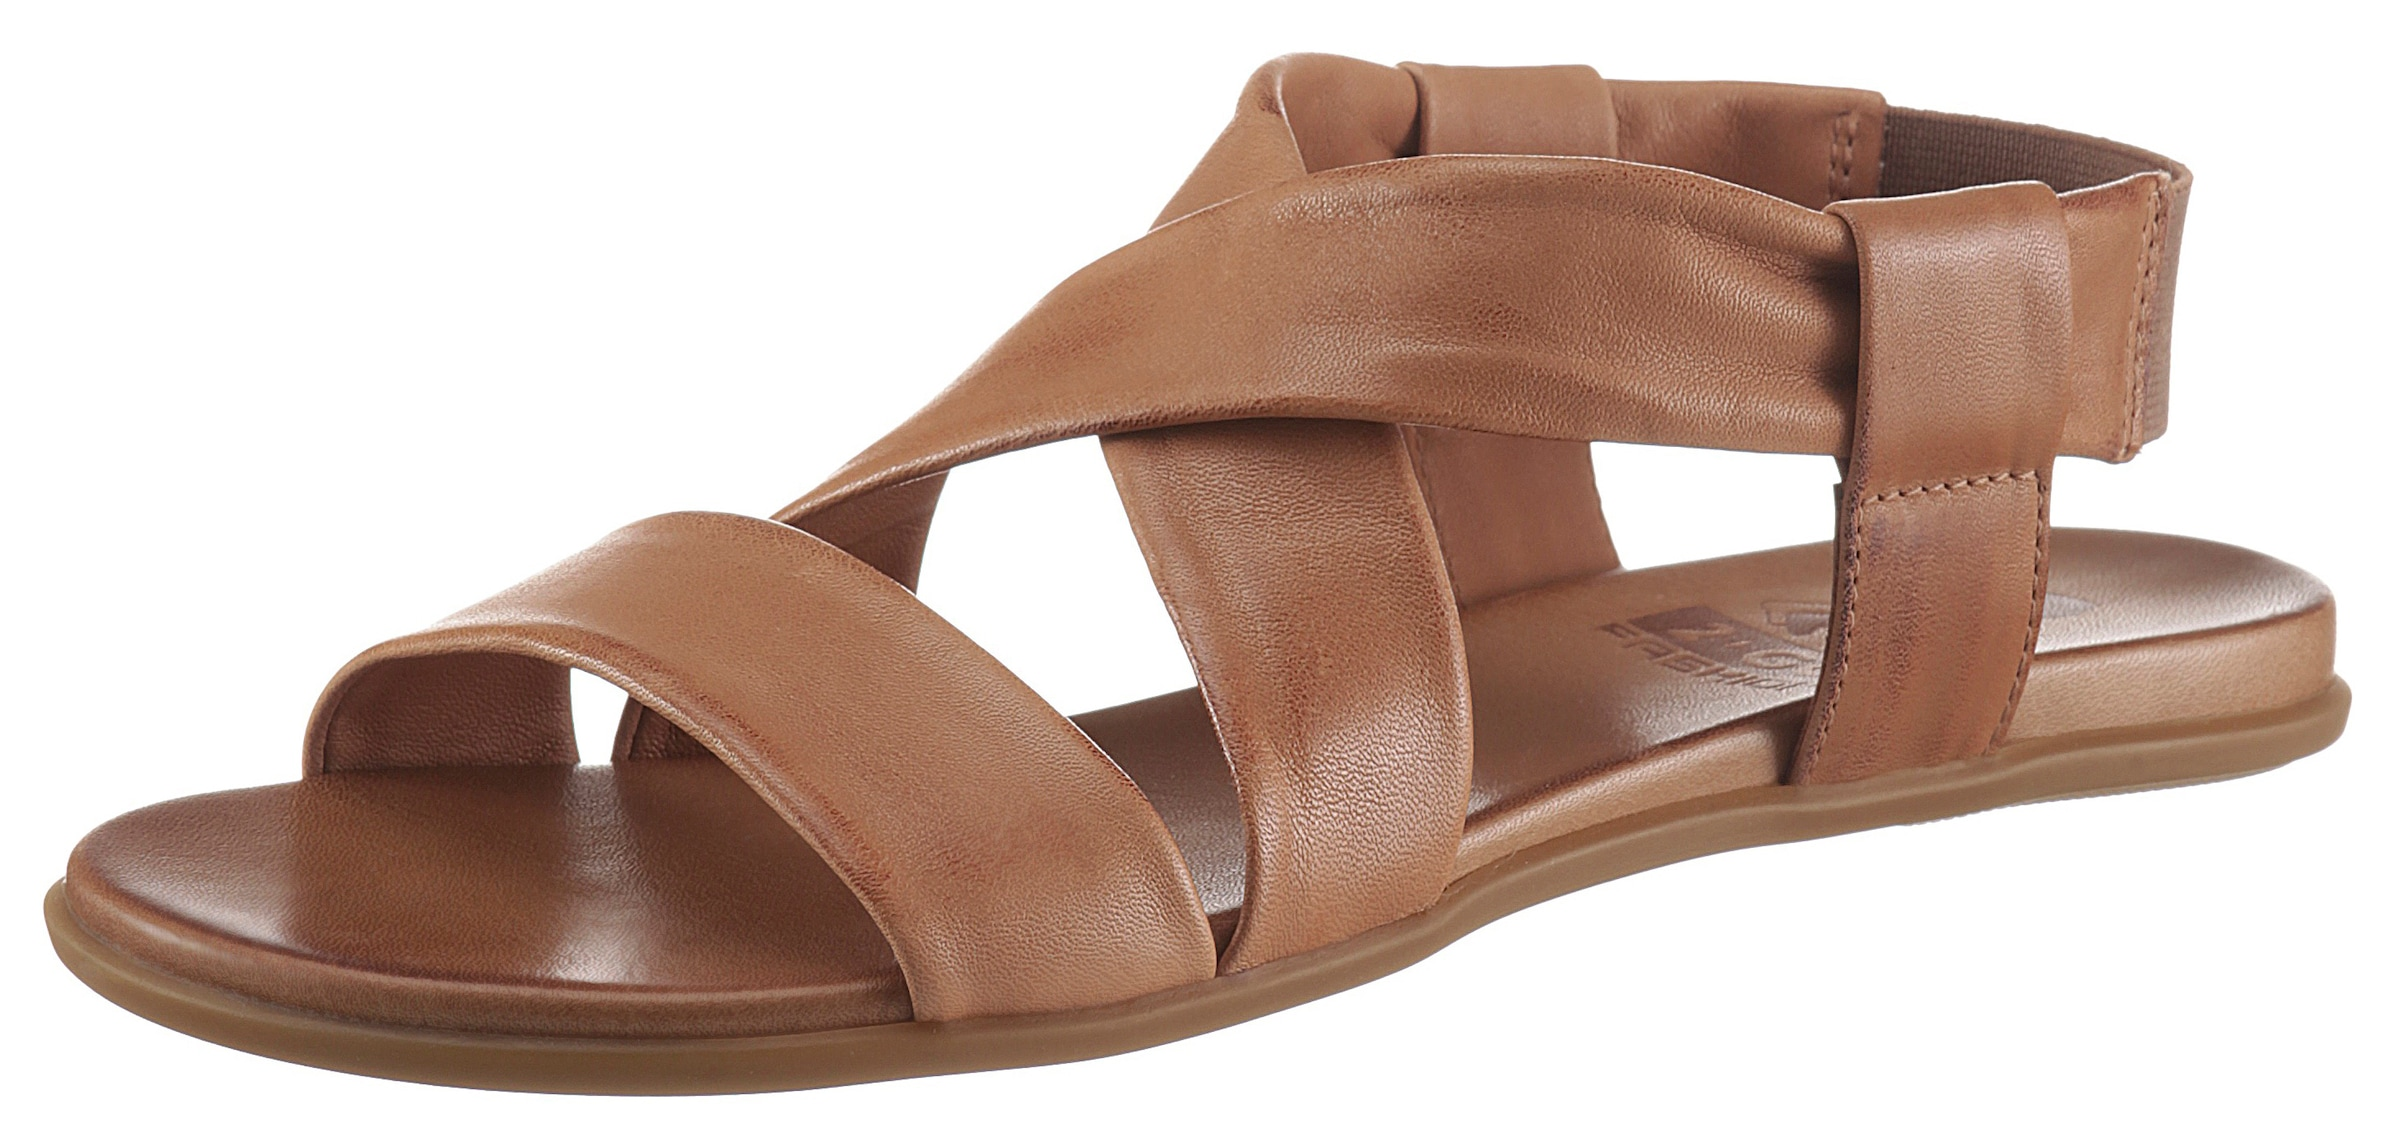 Image of 2GO FASHION Sandale, mit Gummizug für bequemes Einschlupfen